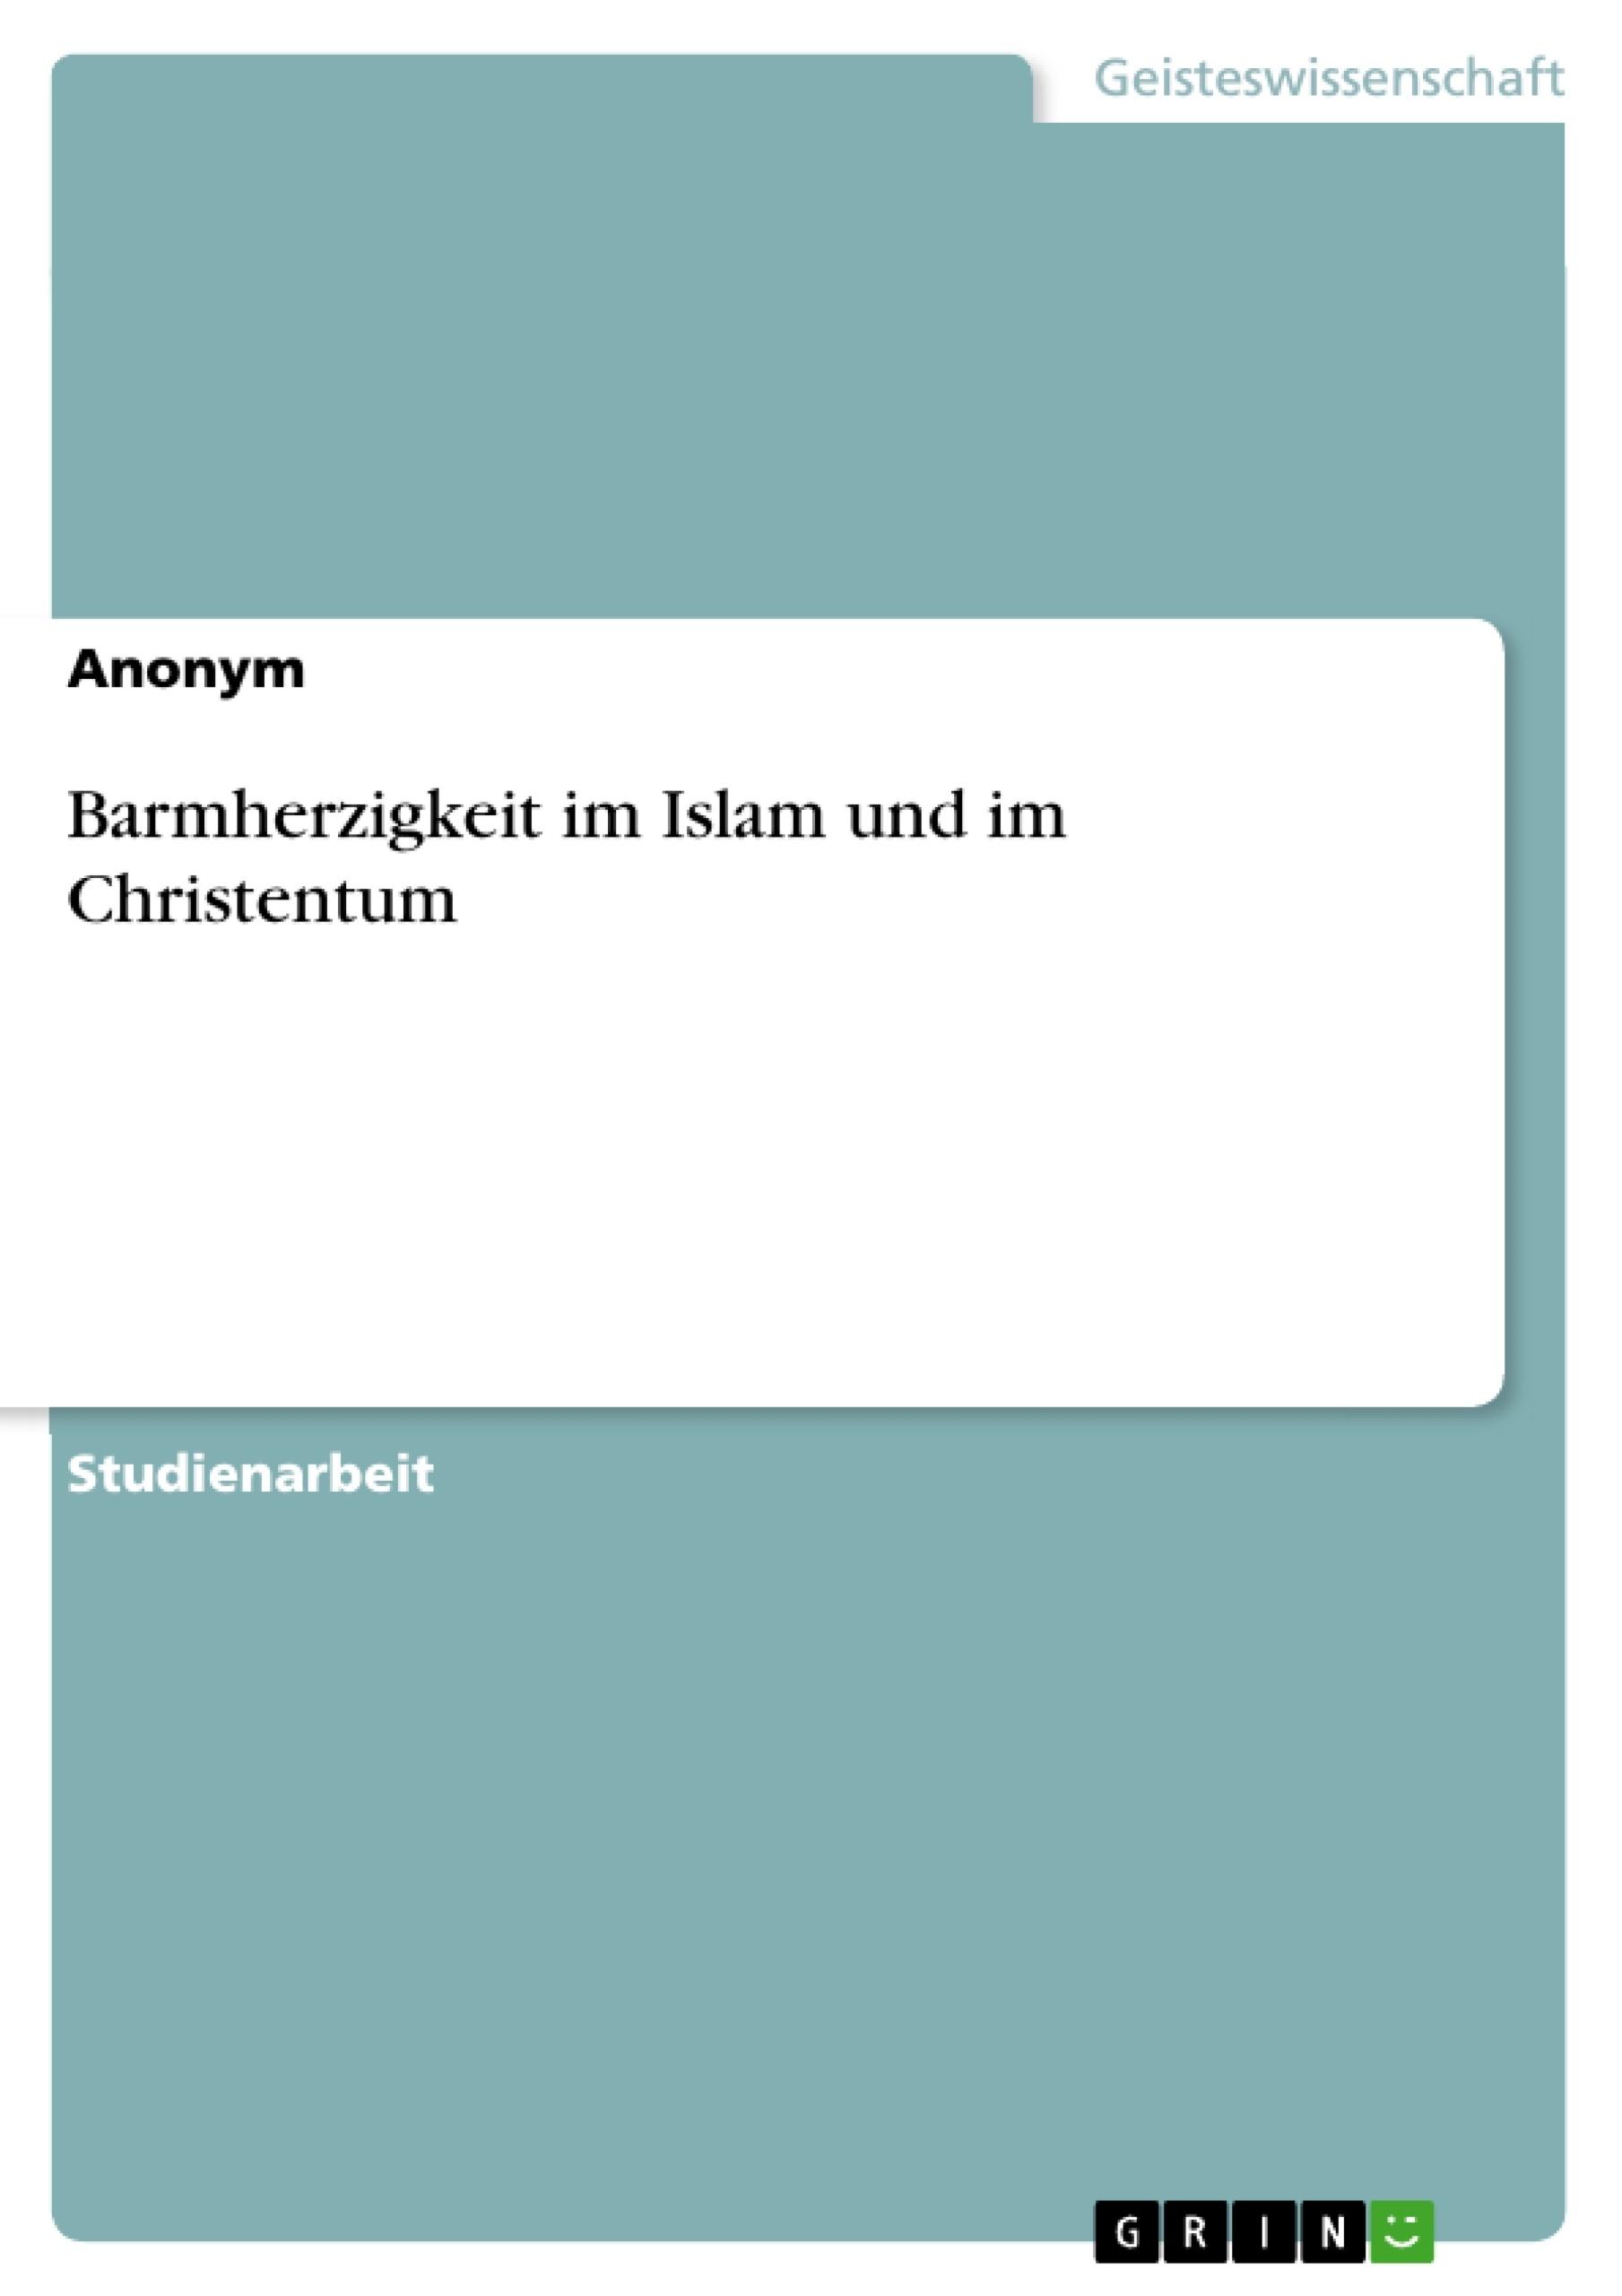 Titel: Barmherzigkeit im Islam und im Christentum